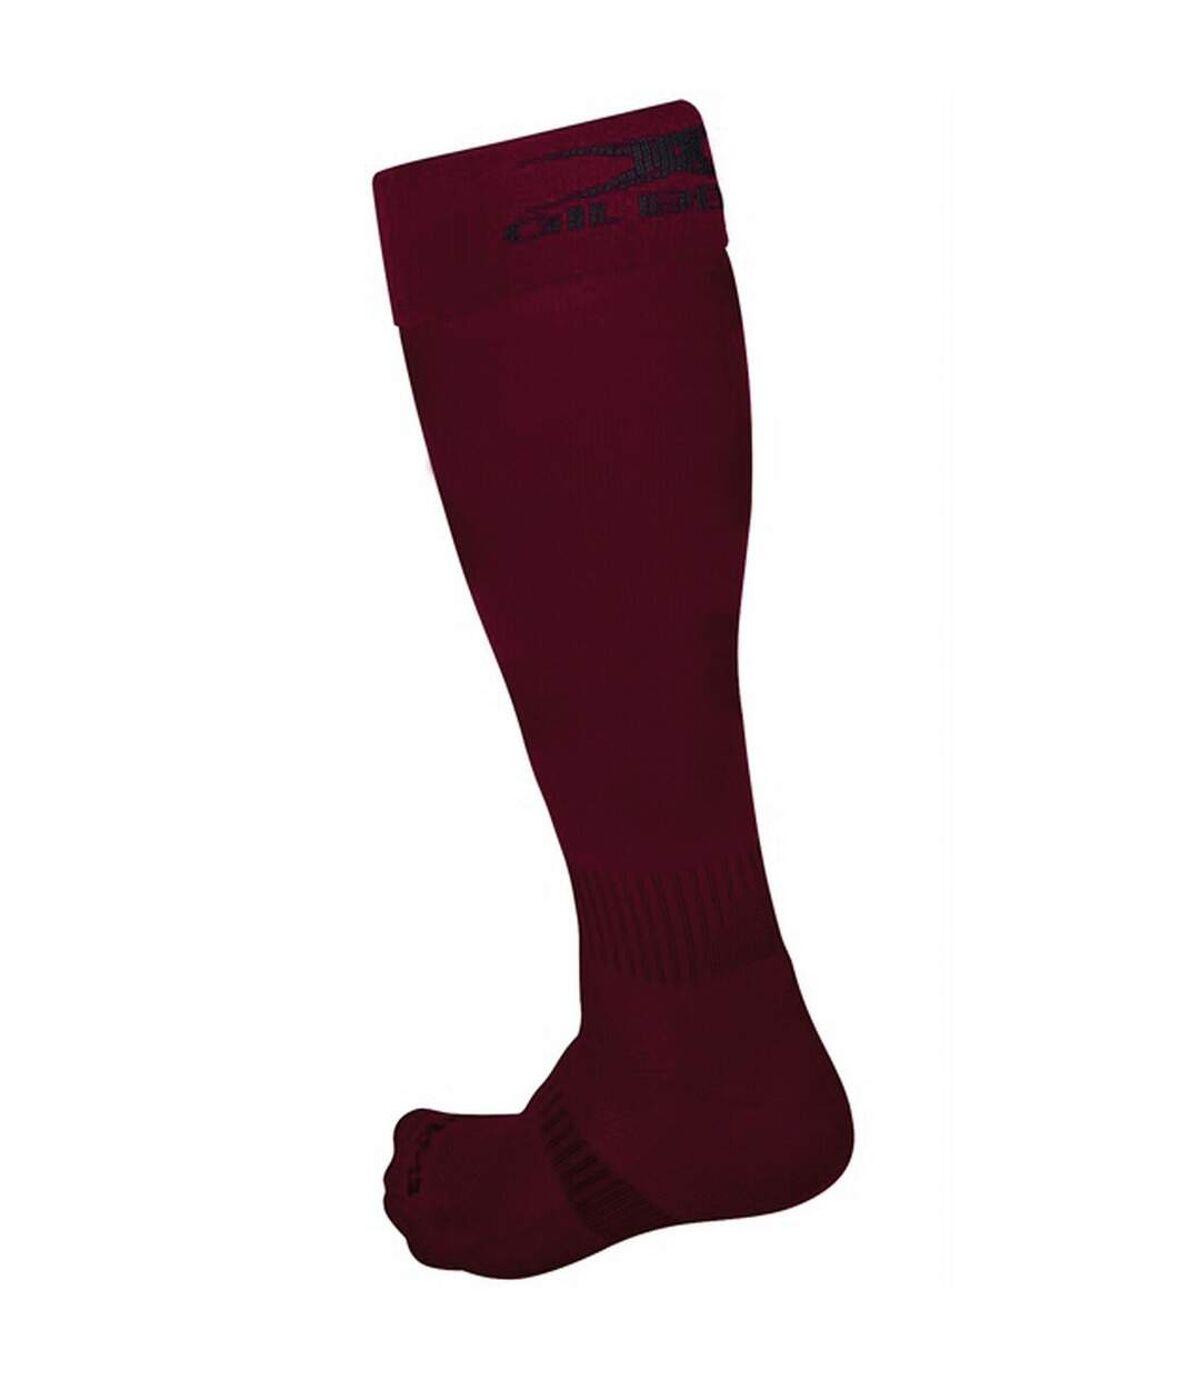 Gilbert Rugby Mens Kryten II Rugby Socks (Maroon) - UTRW5401